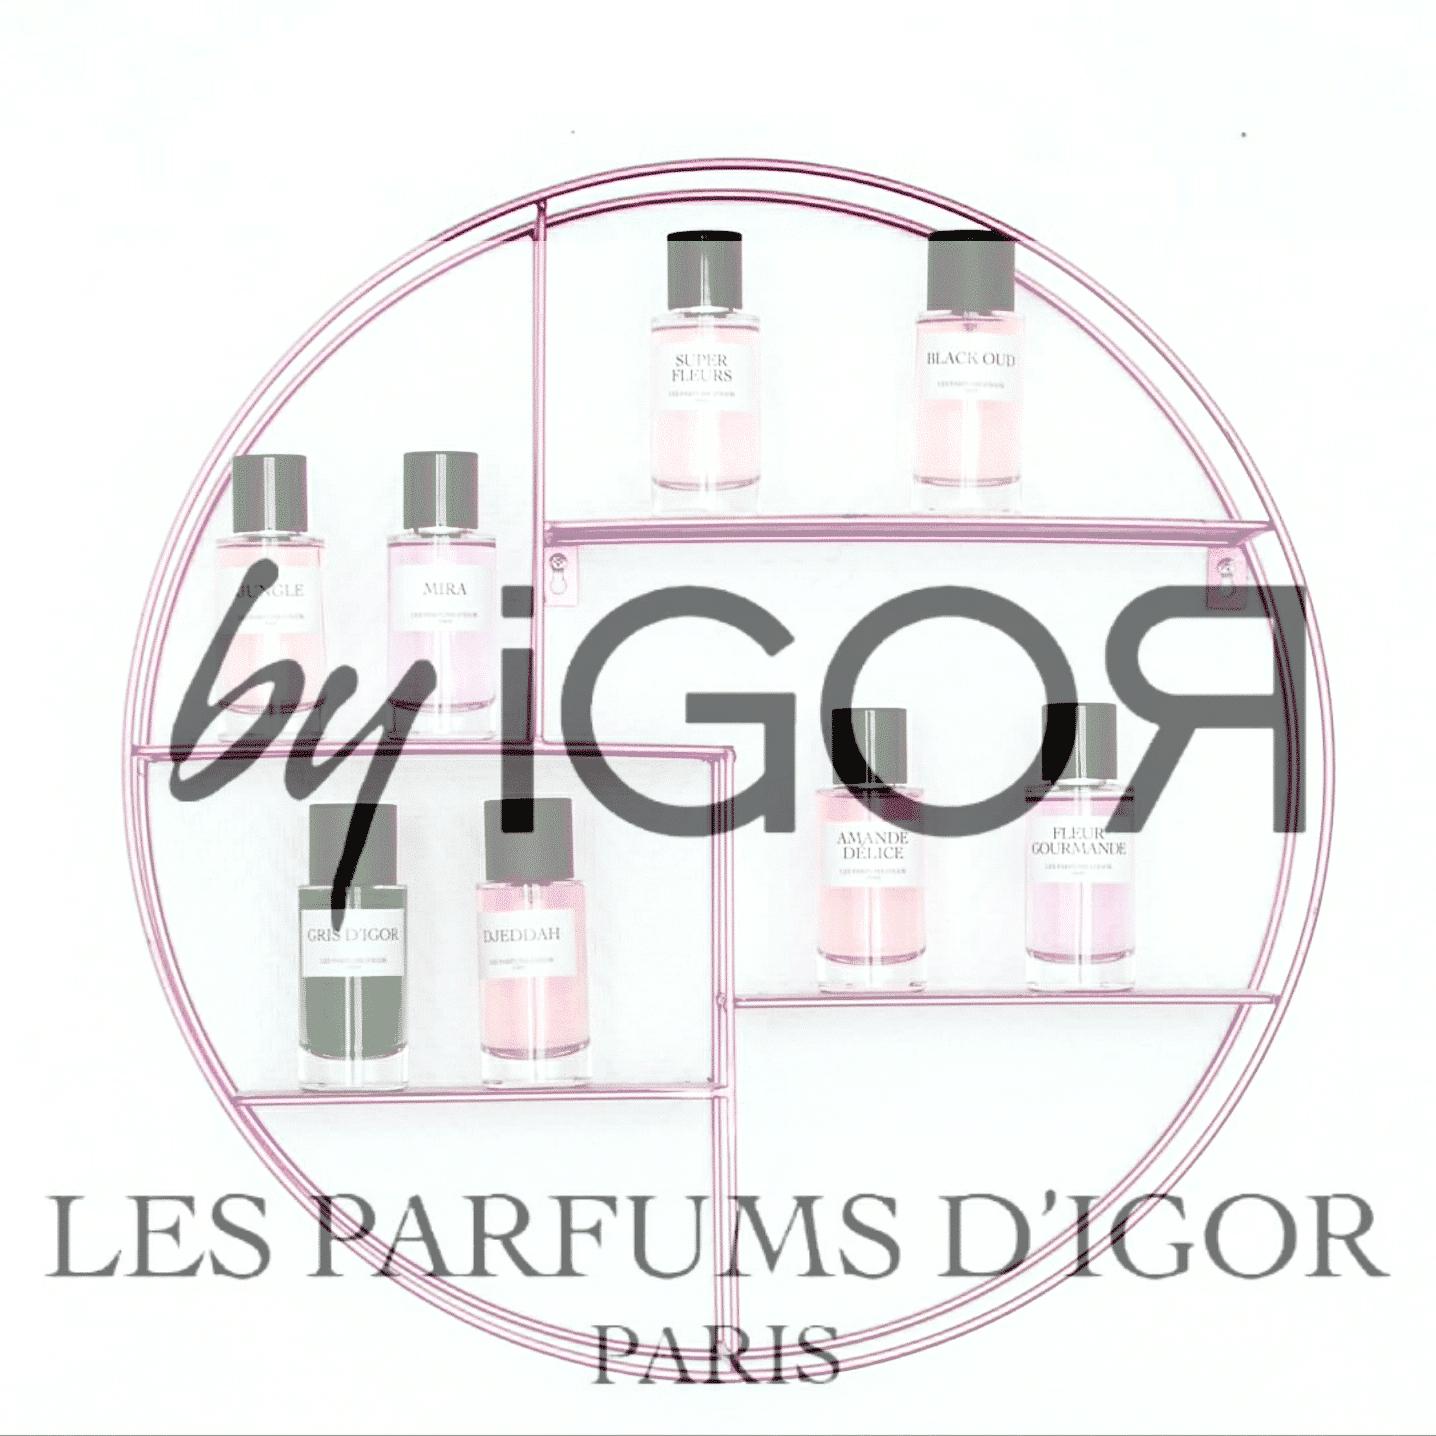 Les Parfums d'Igor